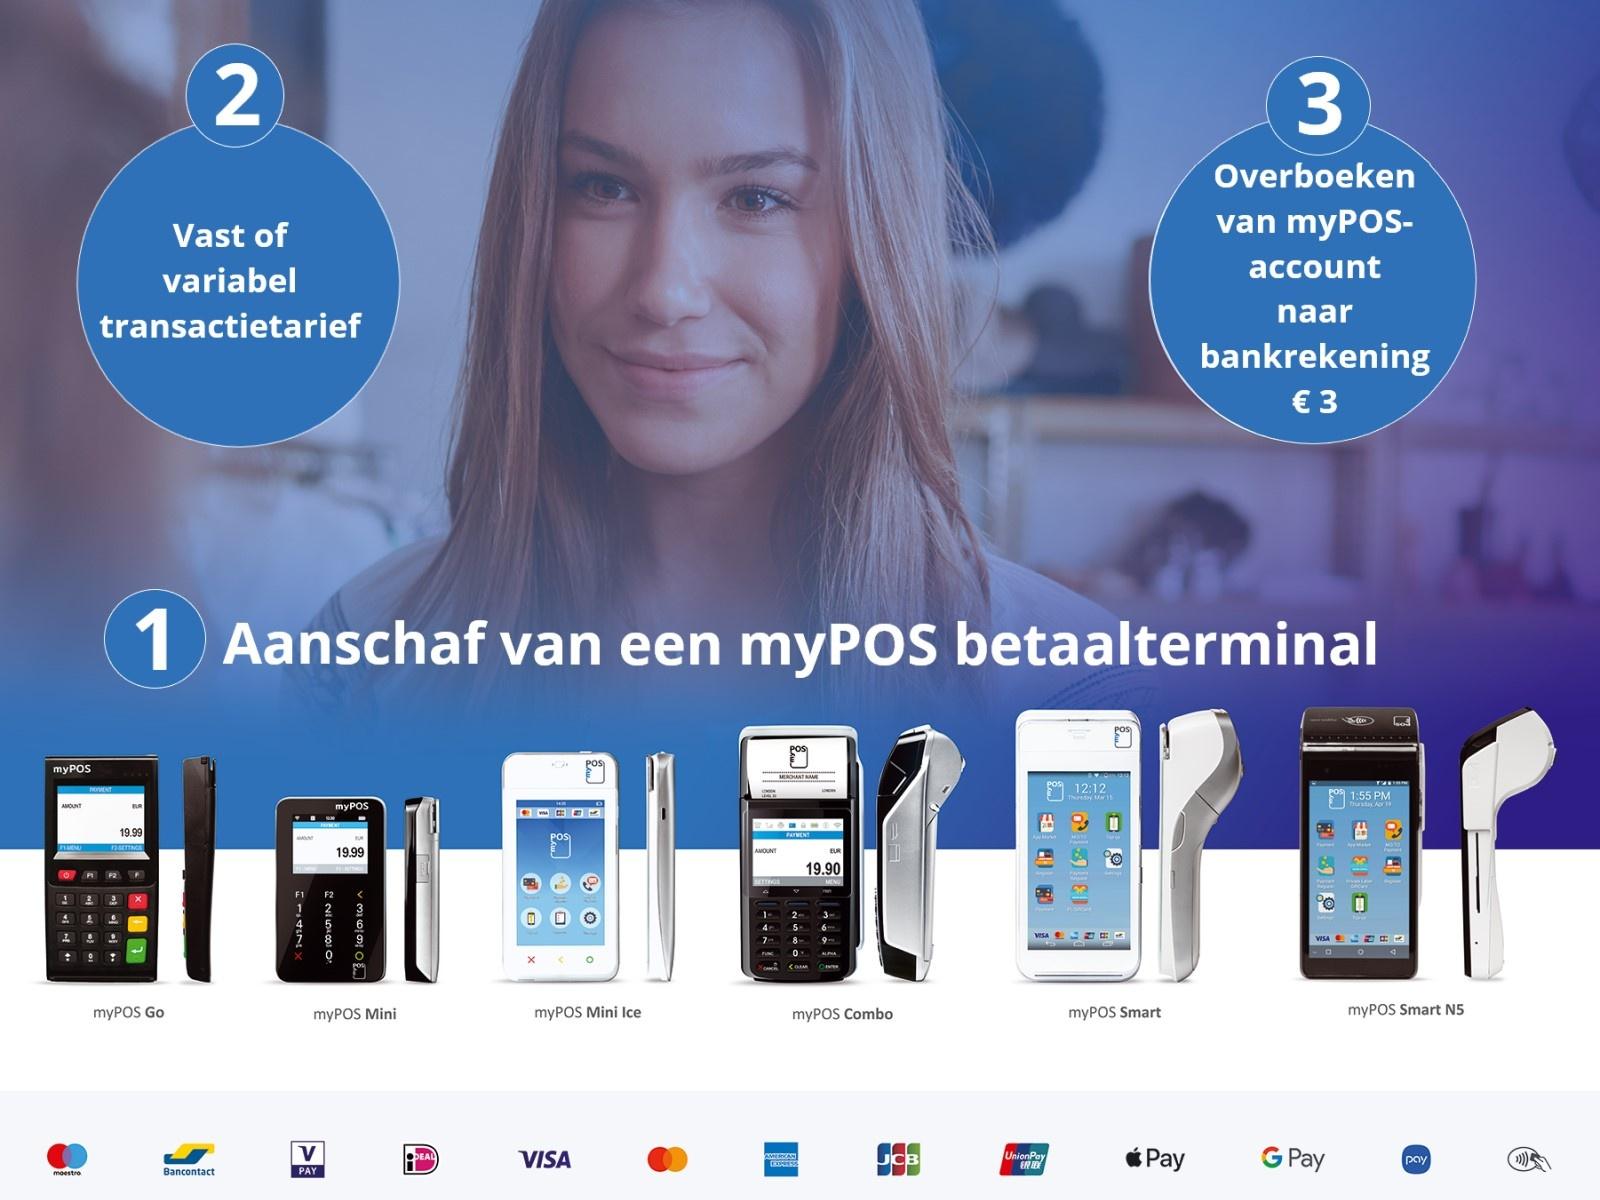 Eenvoudig prijsmodel van myPOS: aanschaf betaalterminal, transactiekosten en overboekingskosten